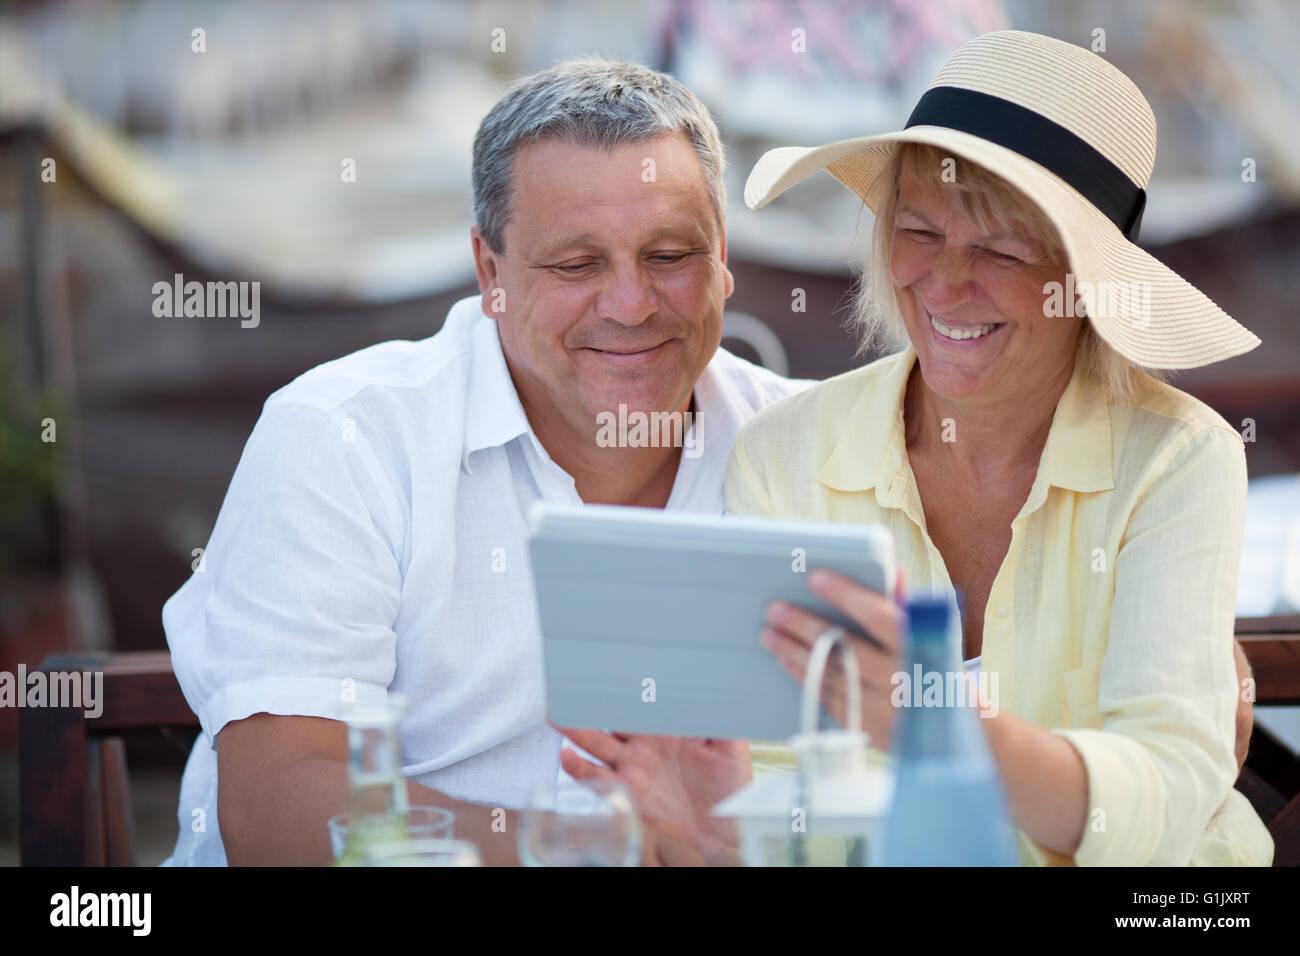 Sonriente pareja de mediana edad con un tablet Imagen De Stock